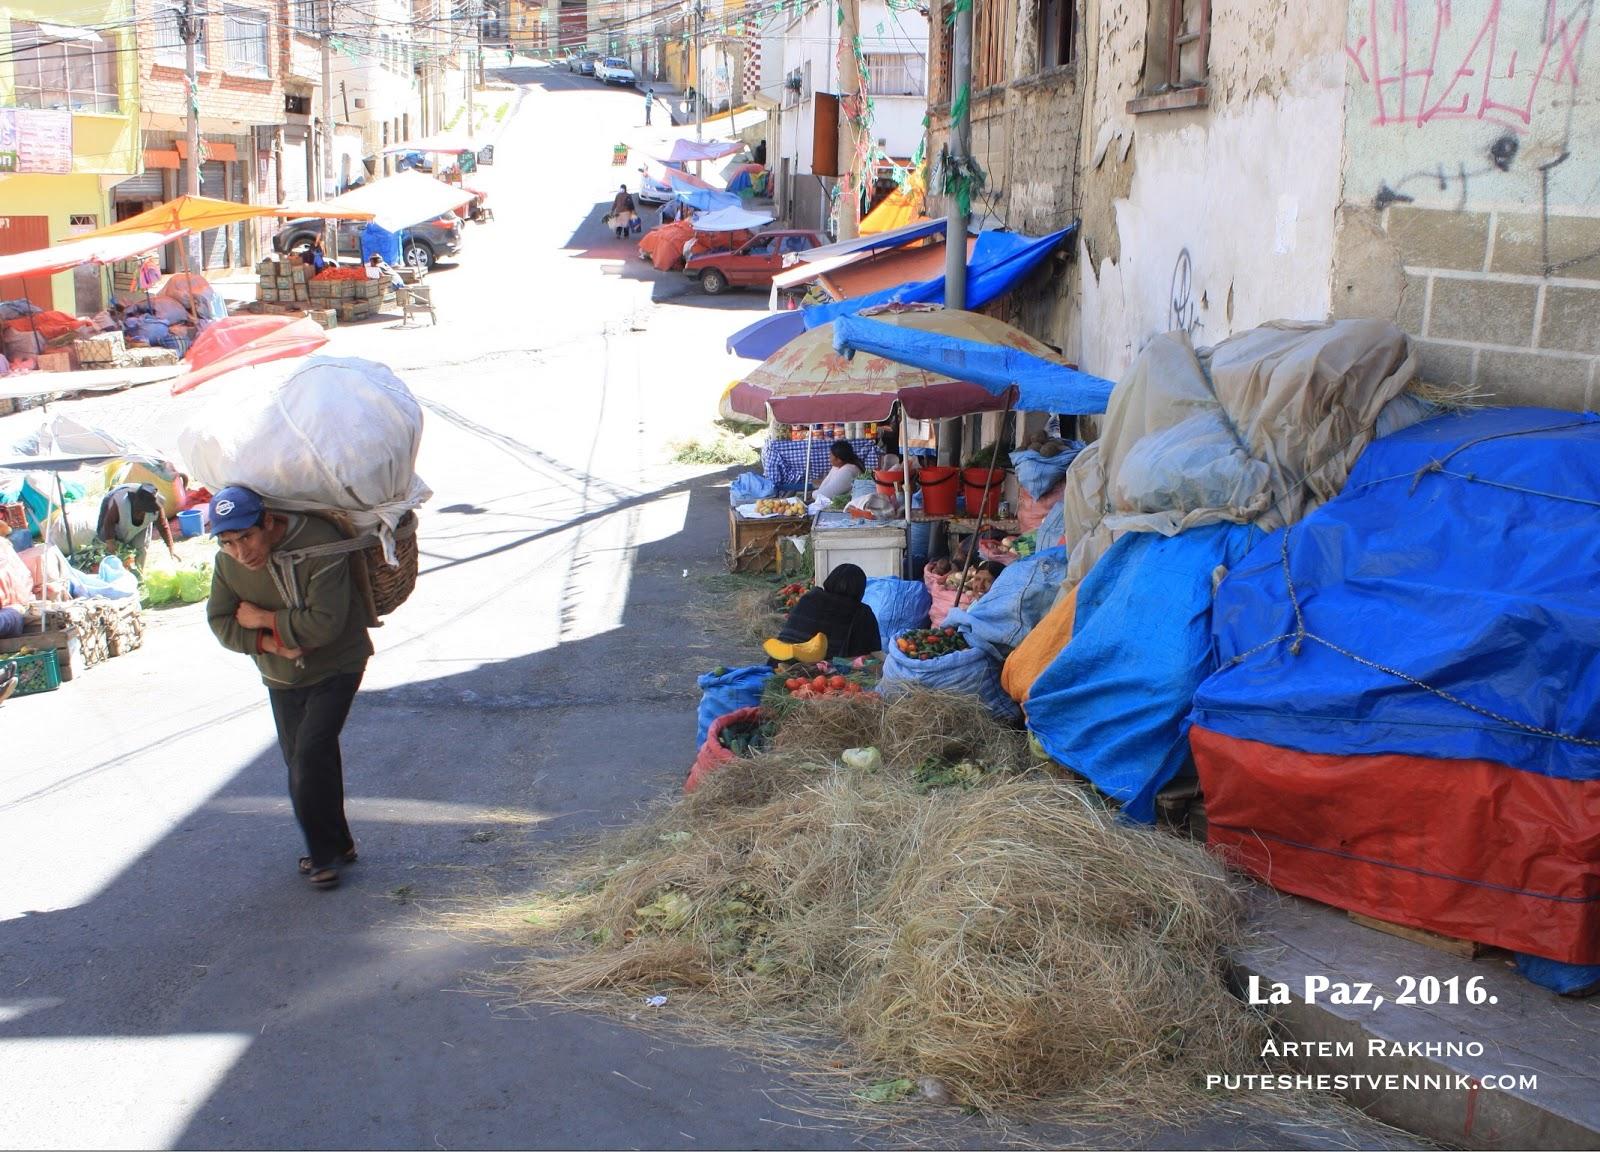 Носильщик и сено на улице Ла-Паса